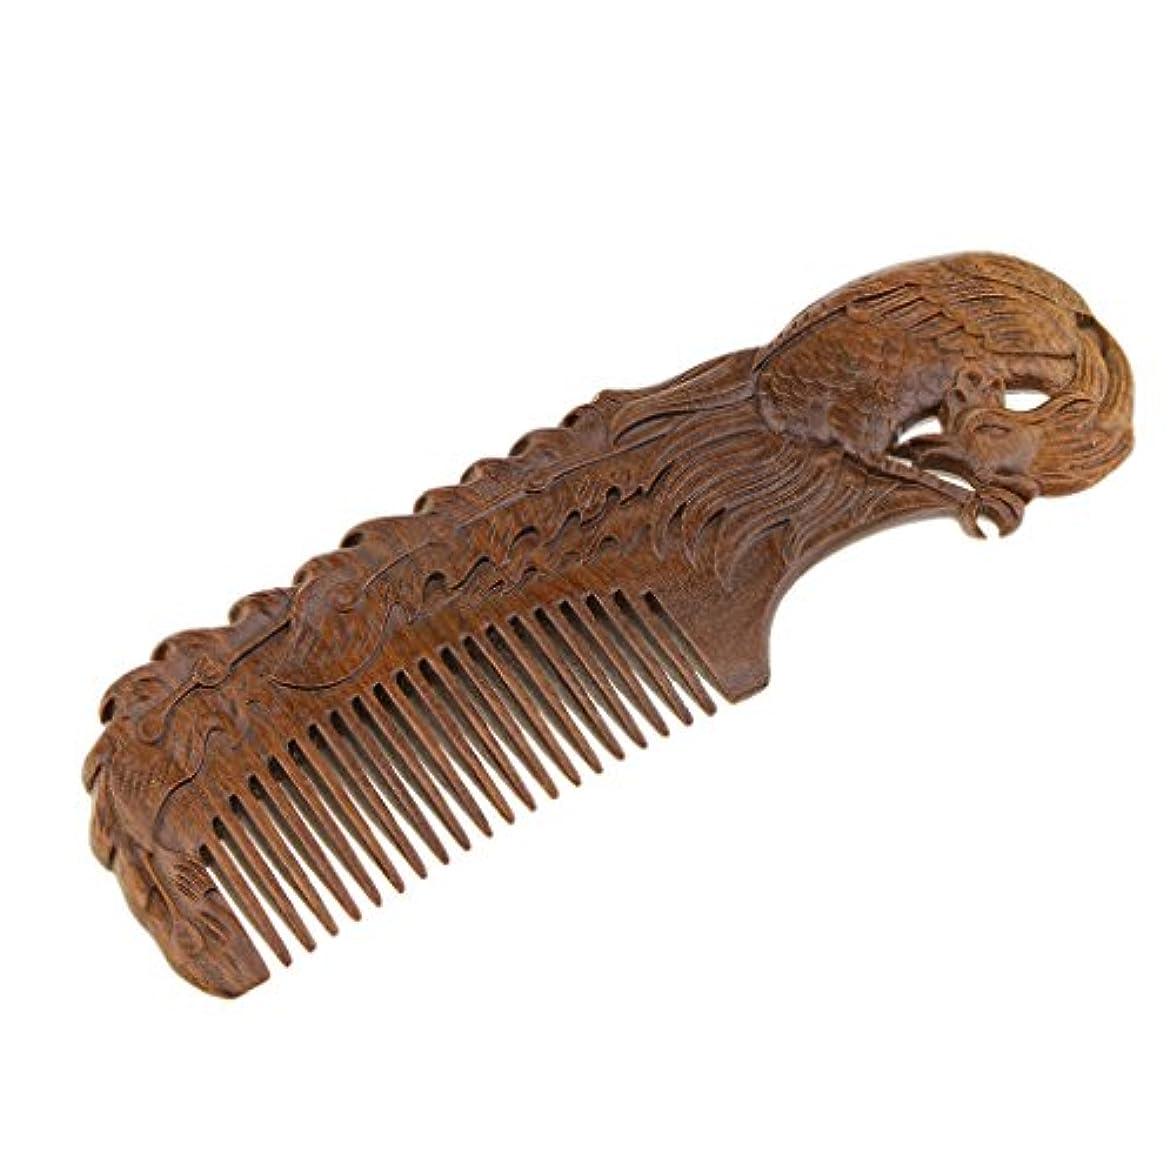 週間自由照らすヘアブラシ ヘアコーム 木製櫛 コーム 高品質 2タイプ - Phoenix